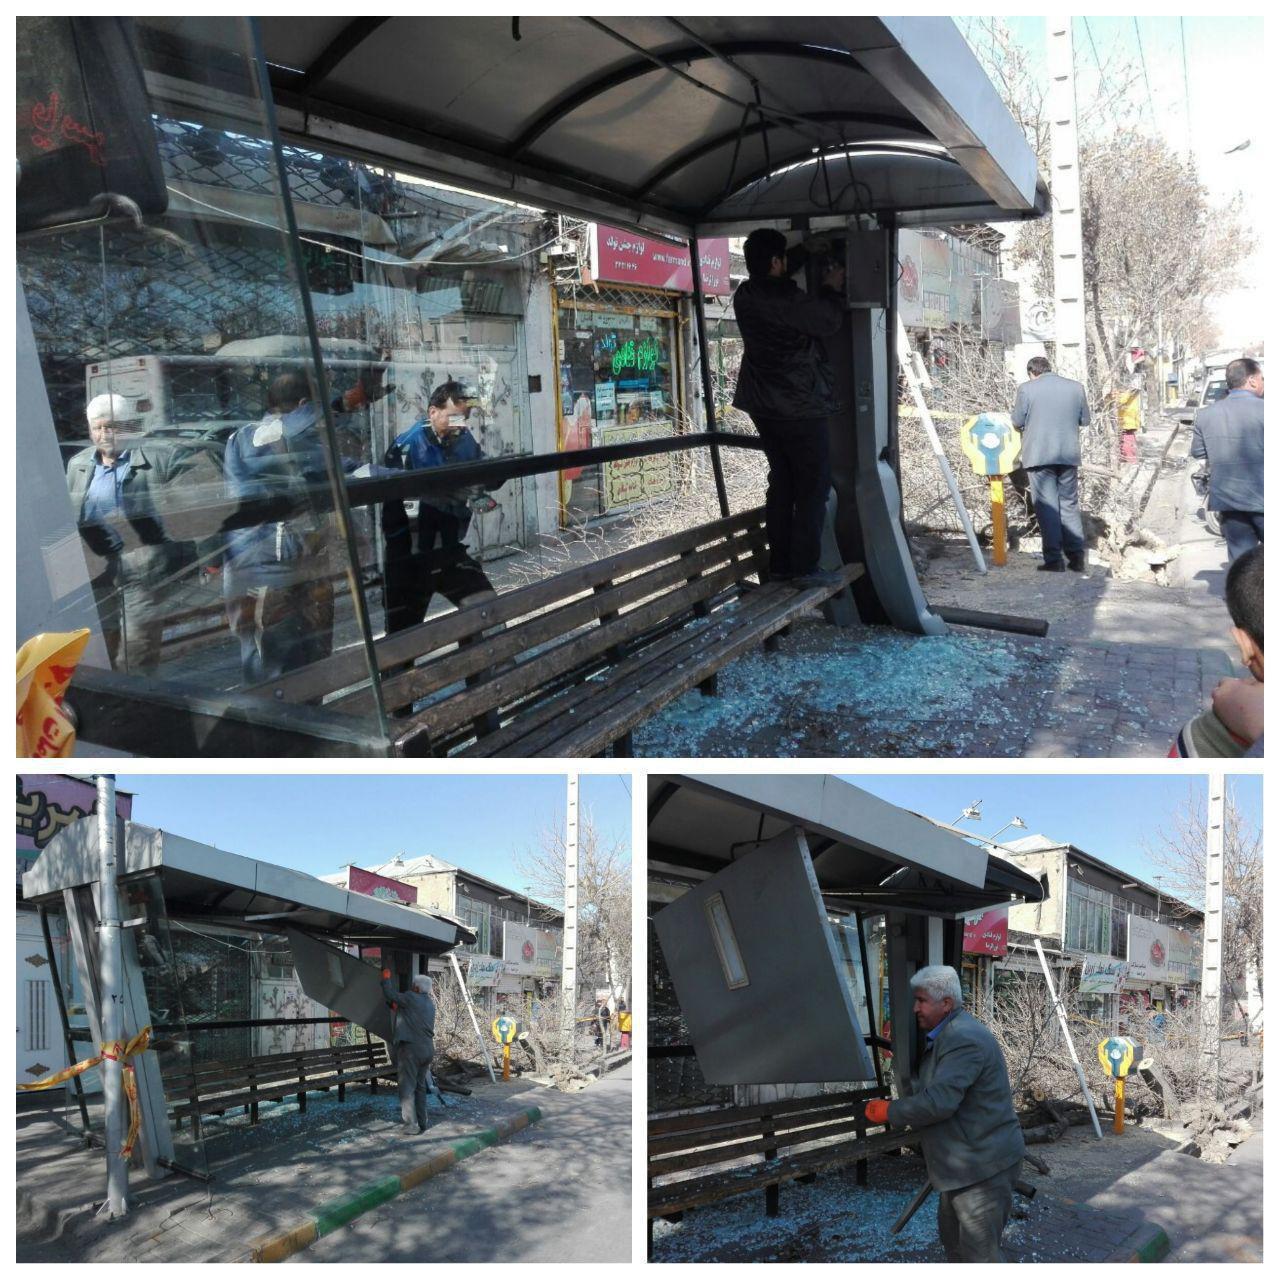 ایست قلبی راننده اتوبوس حادثه ساز شد (+عکس)